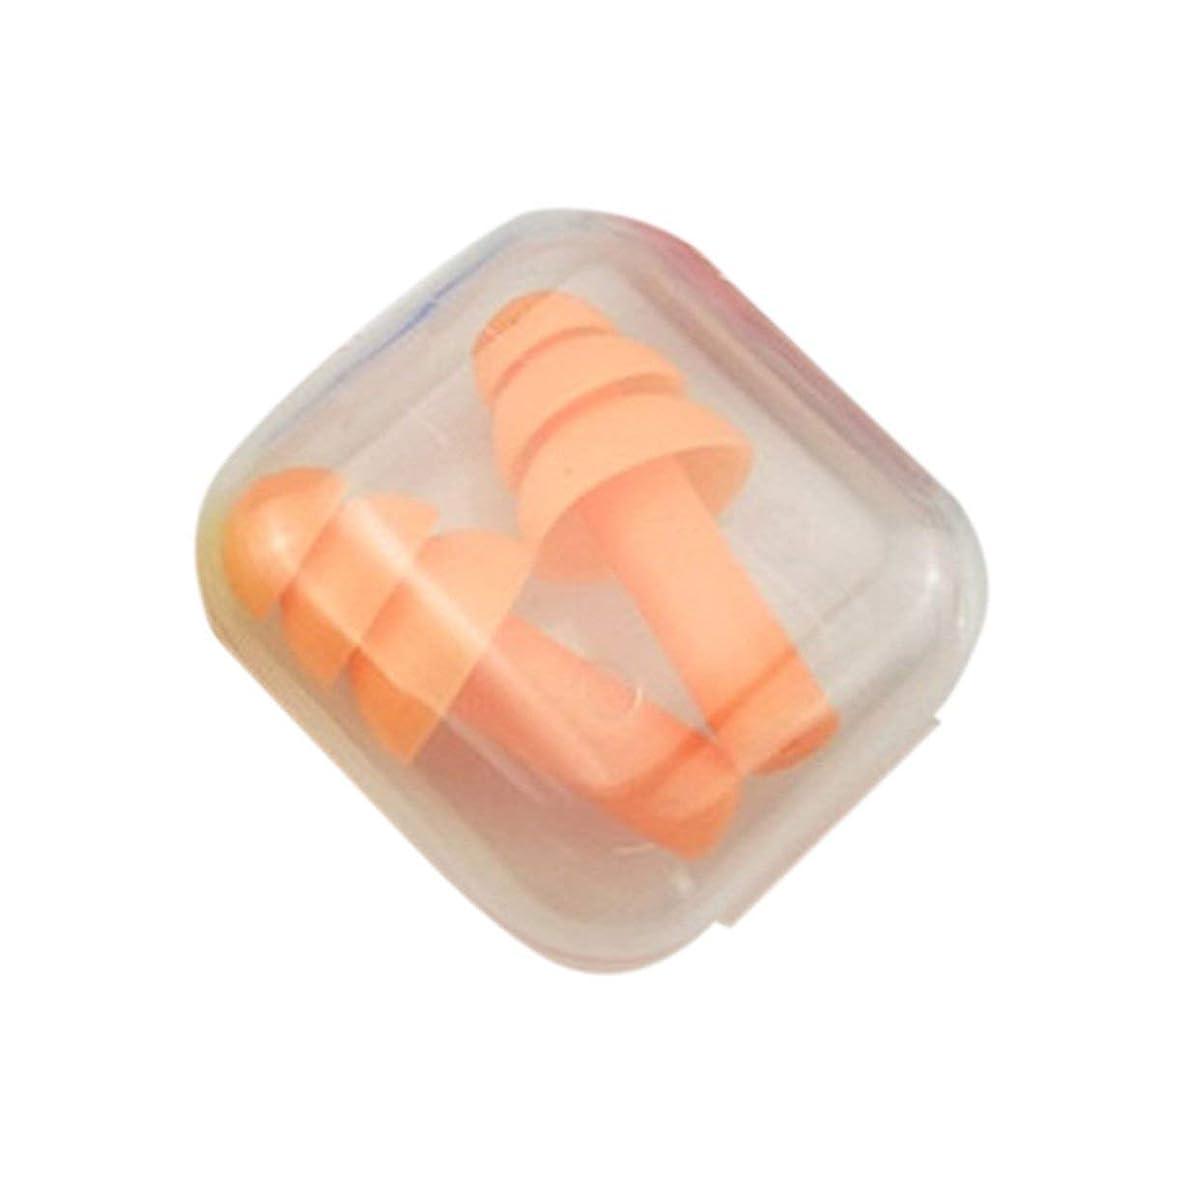 屋内で挨拶する把握柔らかいシリコーンの耳栓遮音用耳の保護用の耳栓防音睡眠ボックス付き収納ボックス - オレンジ